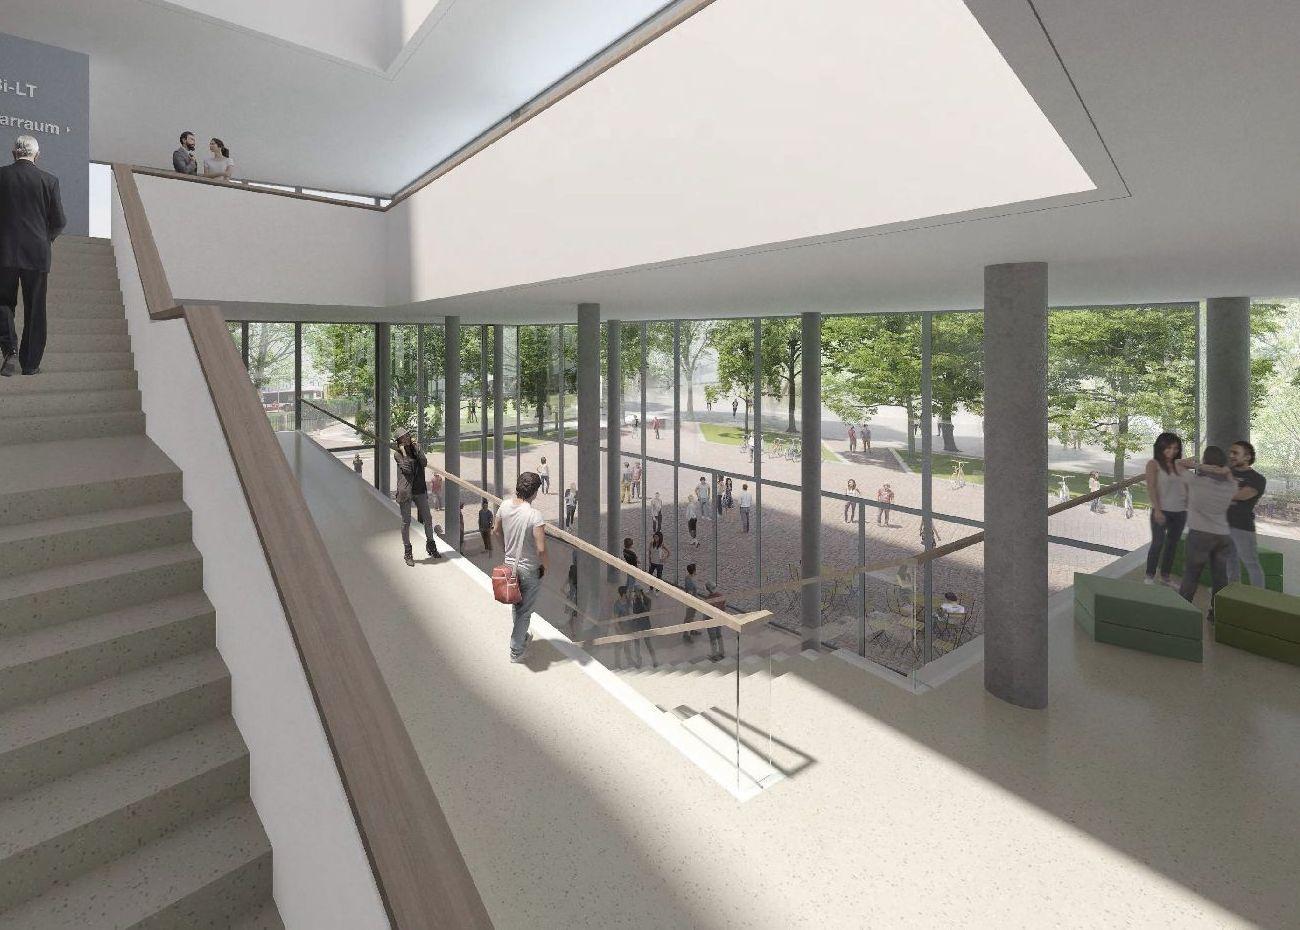 Architektenwettbewerb Beuth Hochschule Neubau Laborgebäude Berlin